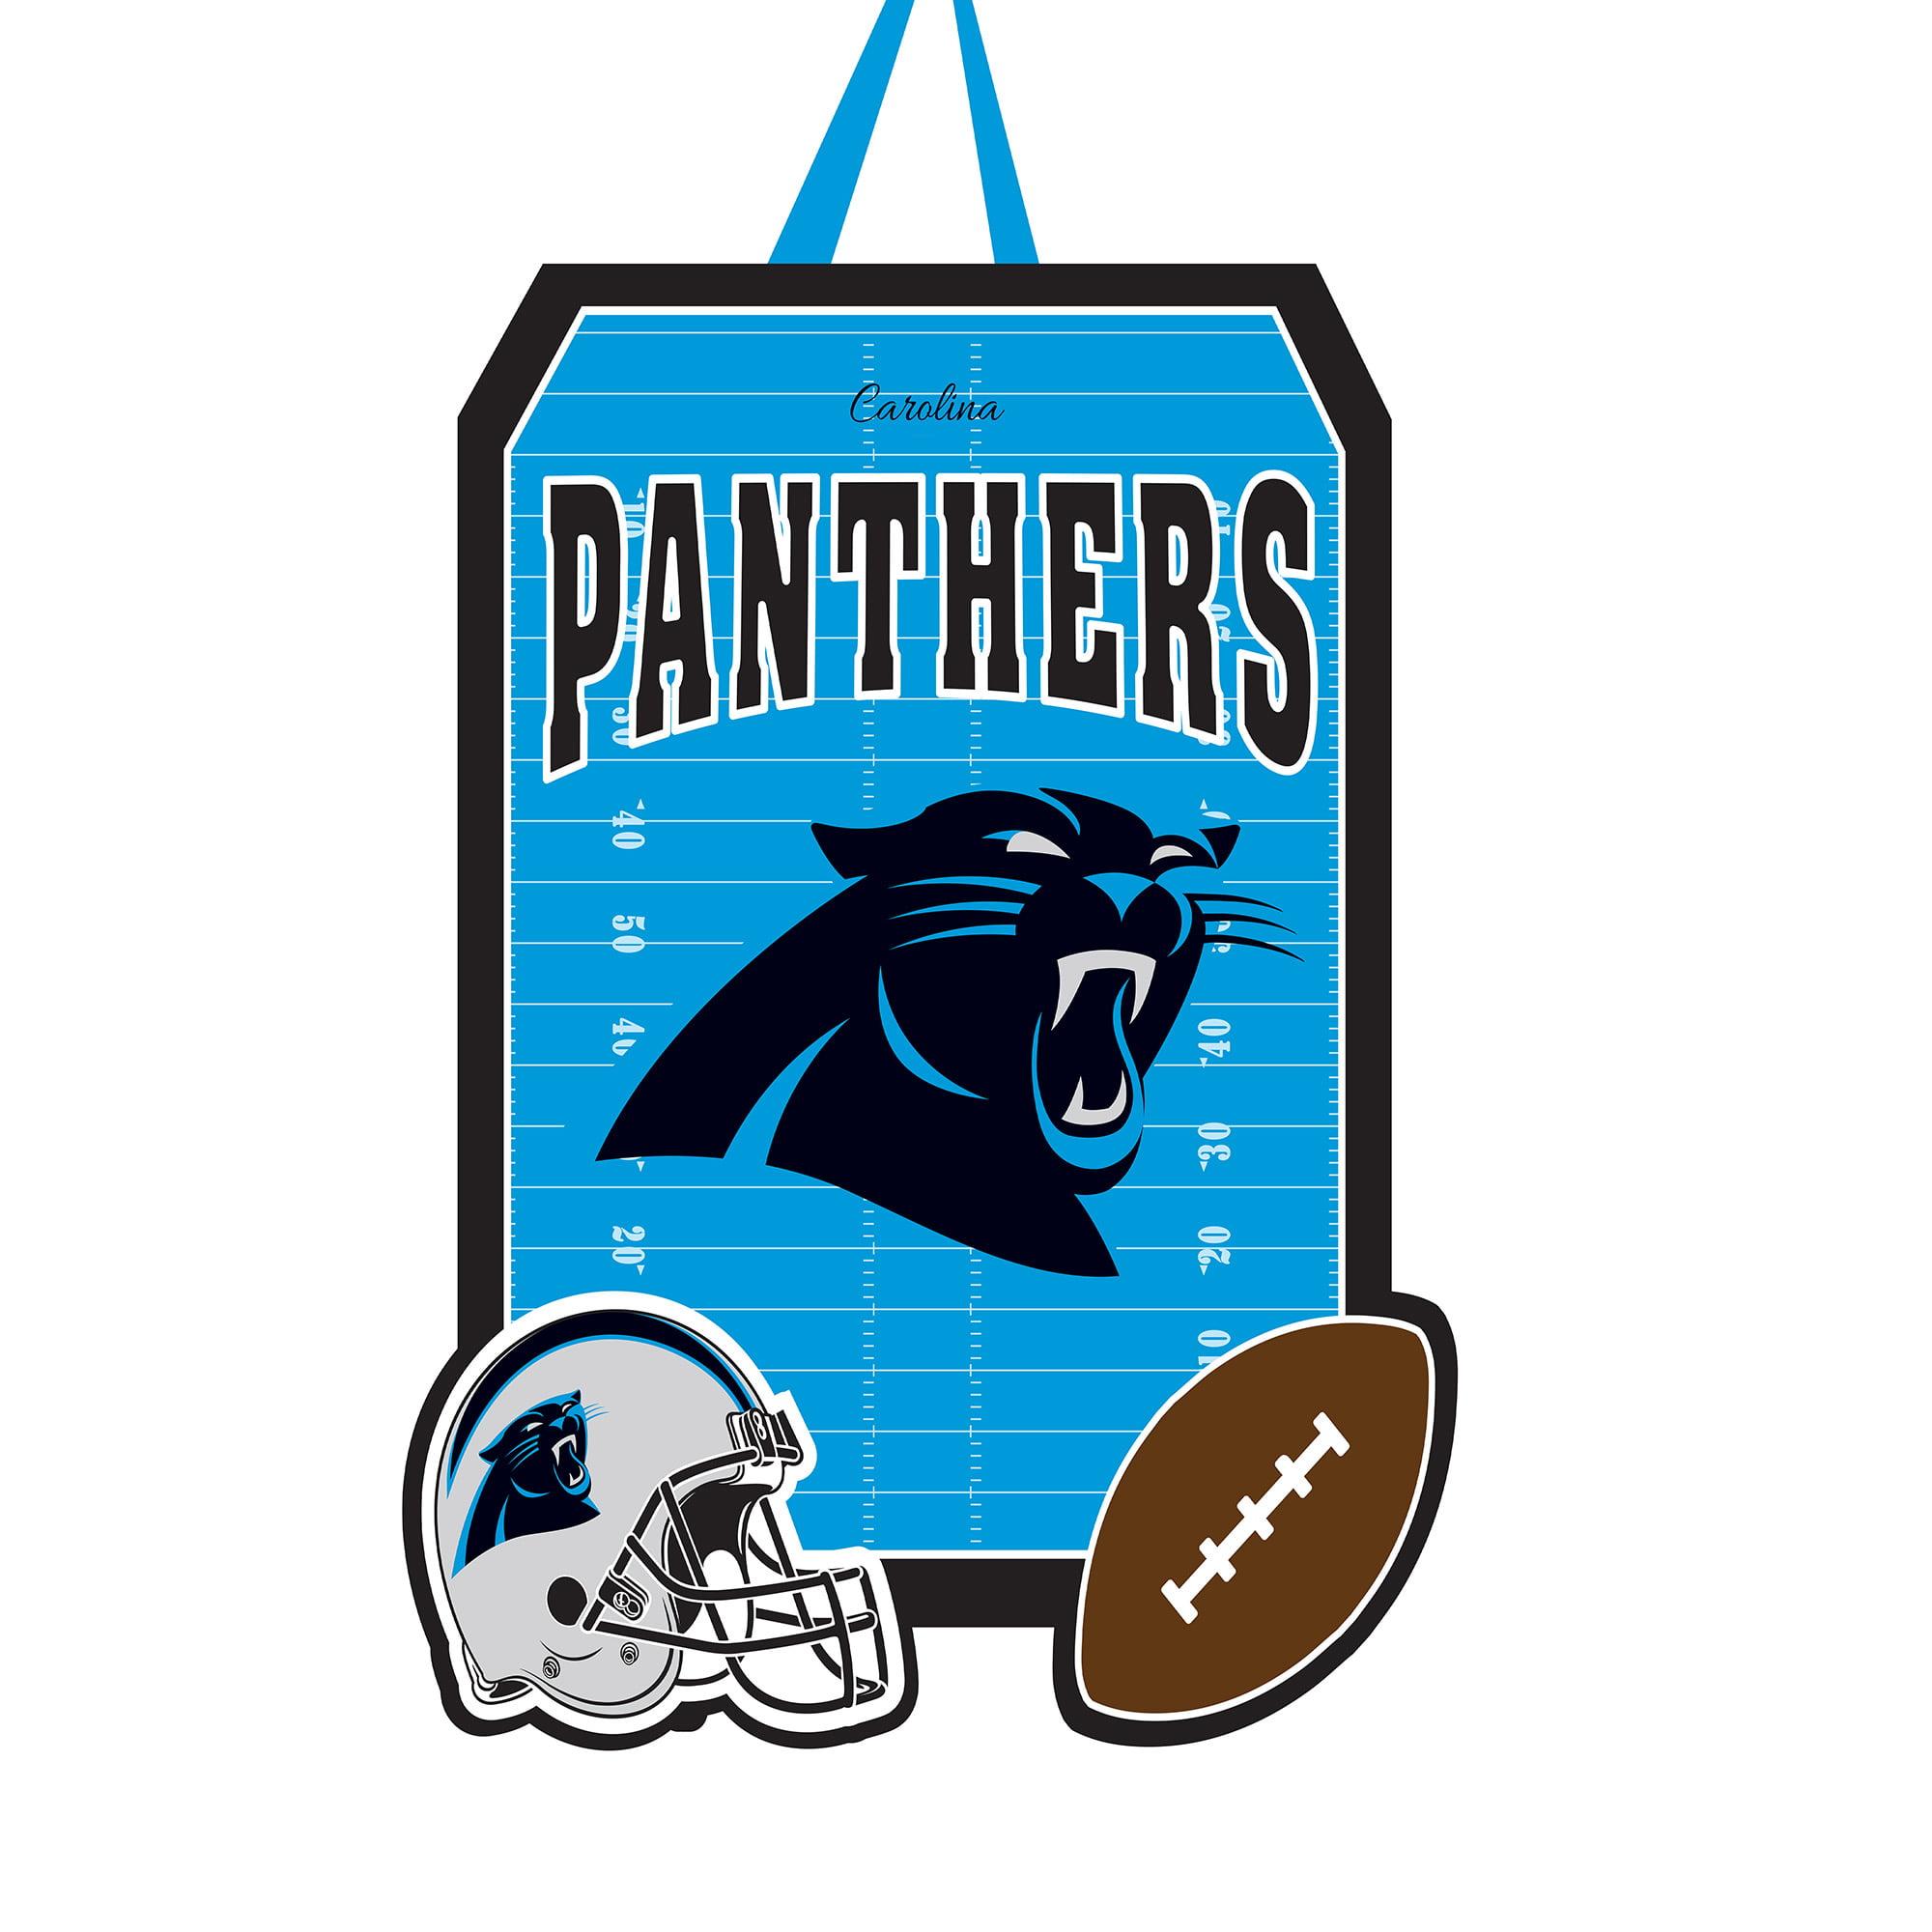 """Carolina Panthers 20.5"""" x 16.5"""" Felt Door Decor Wall Banner - No Size"""